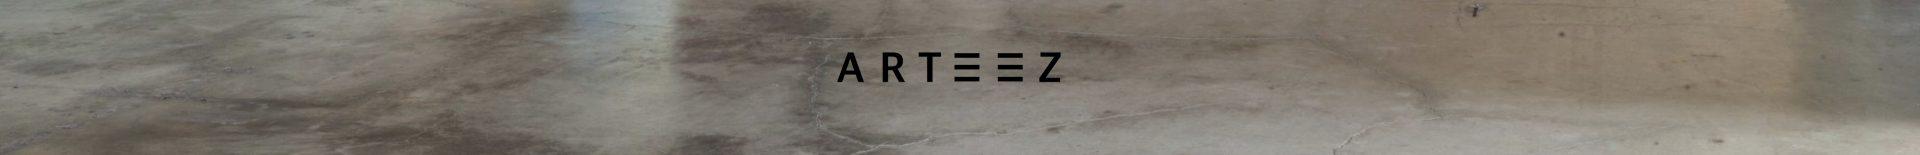 cropped-arteez_logo_marbre2.jpg